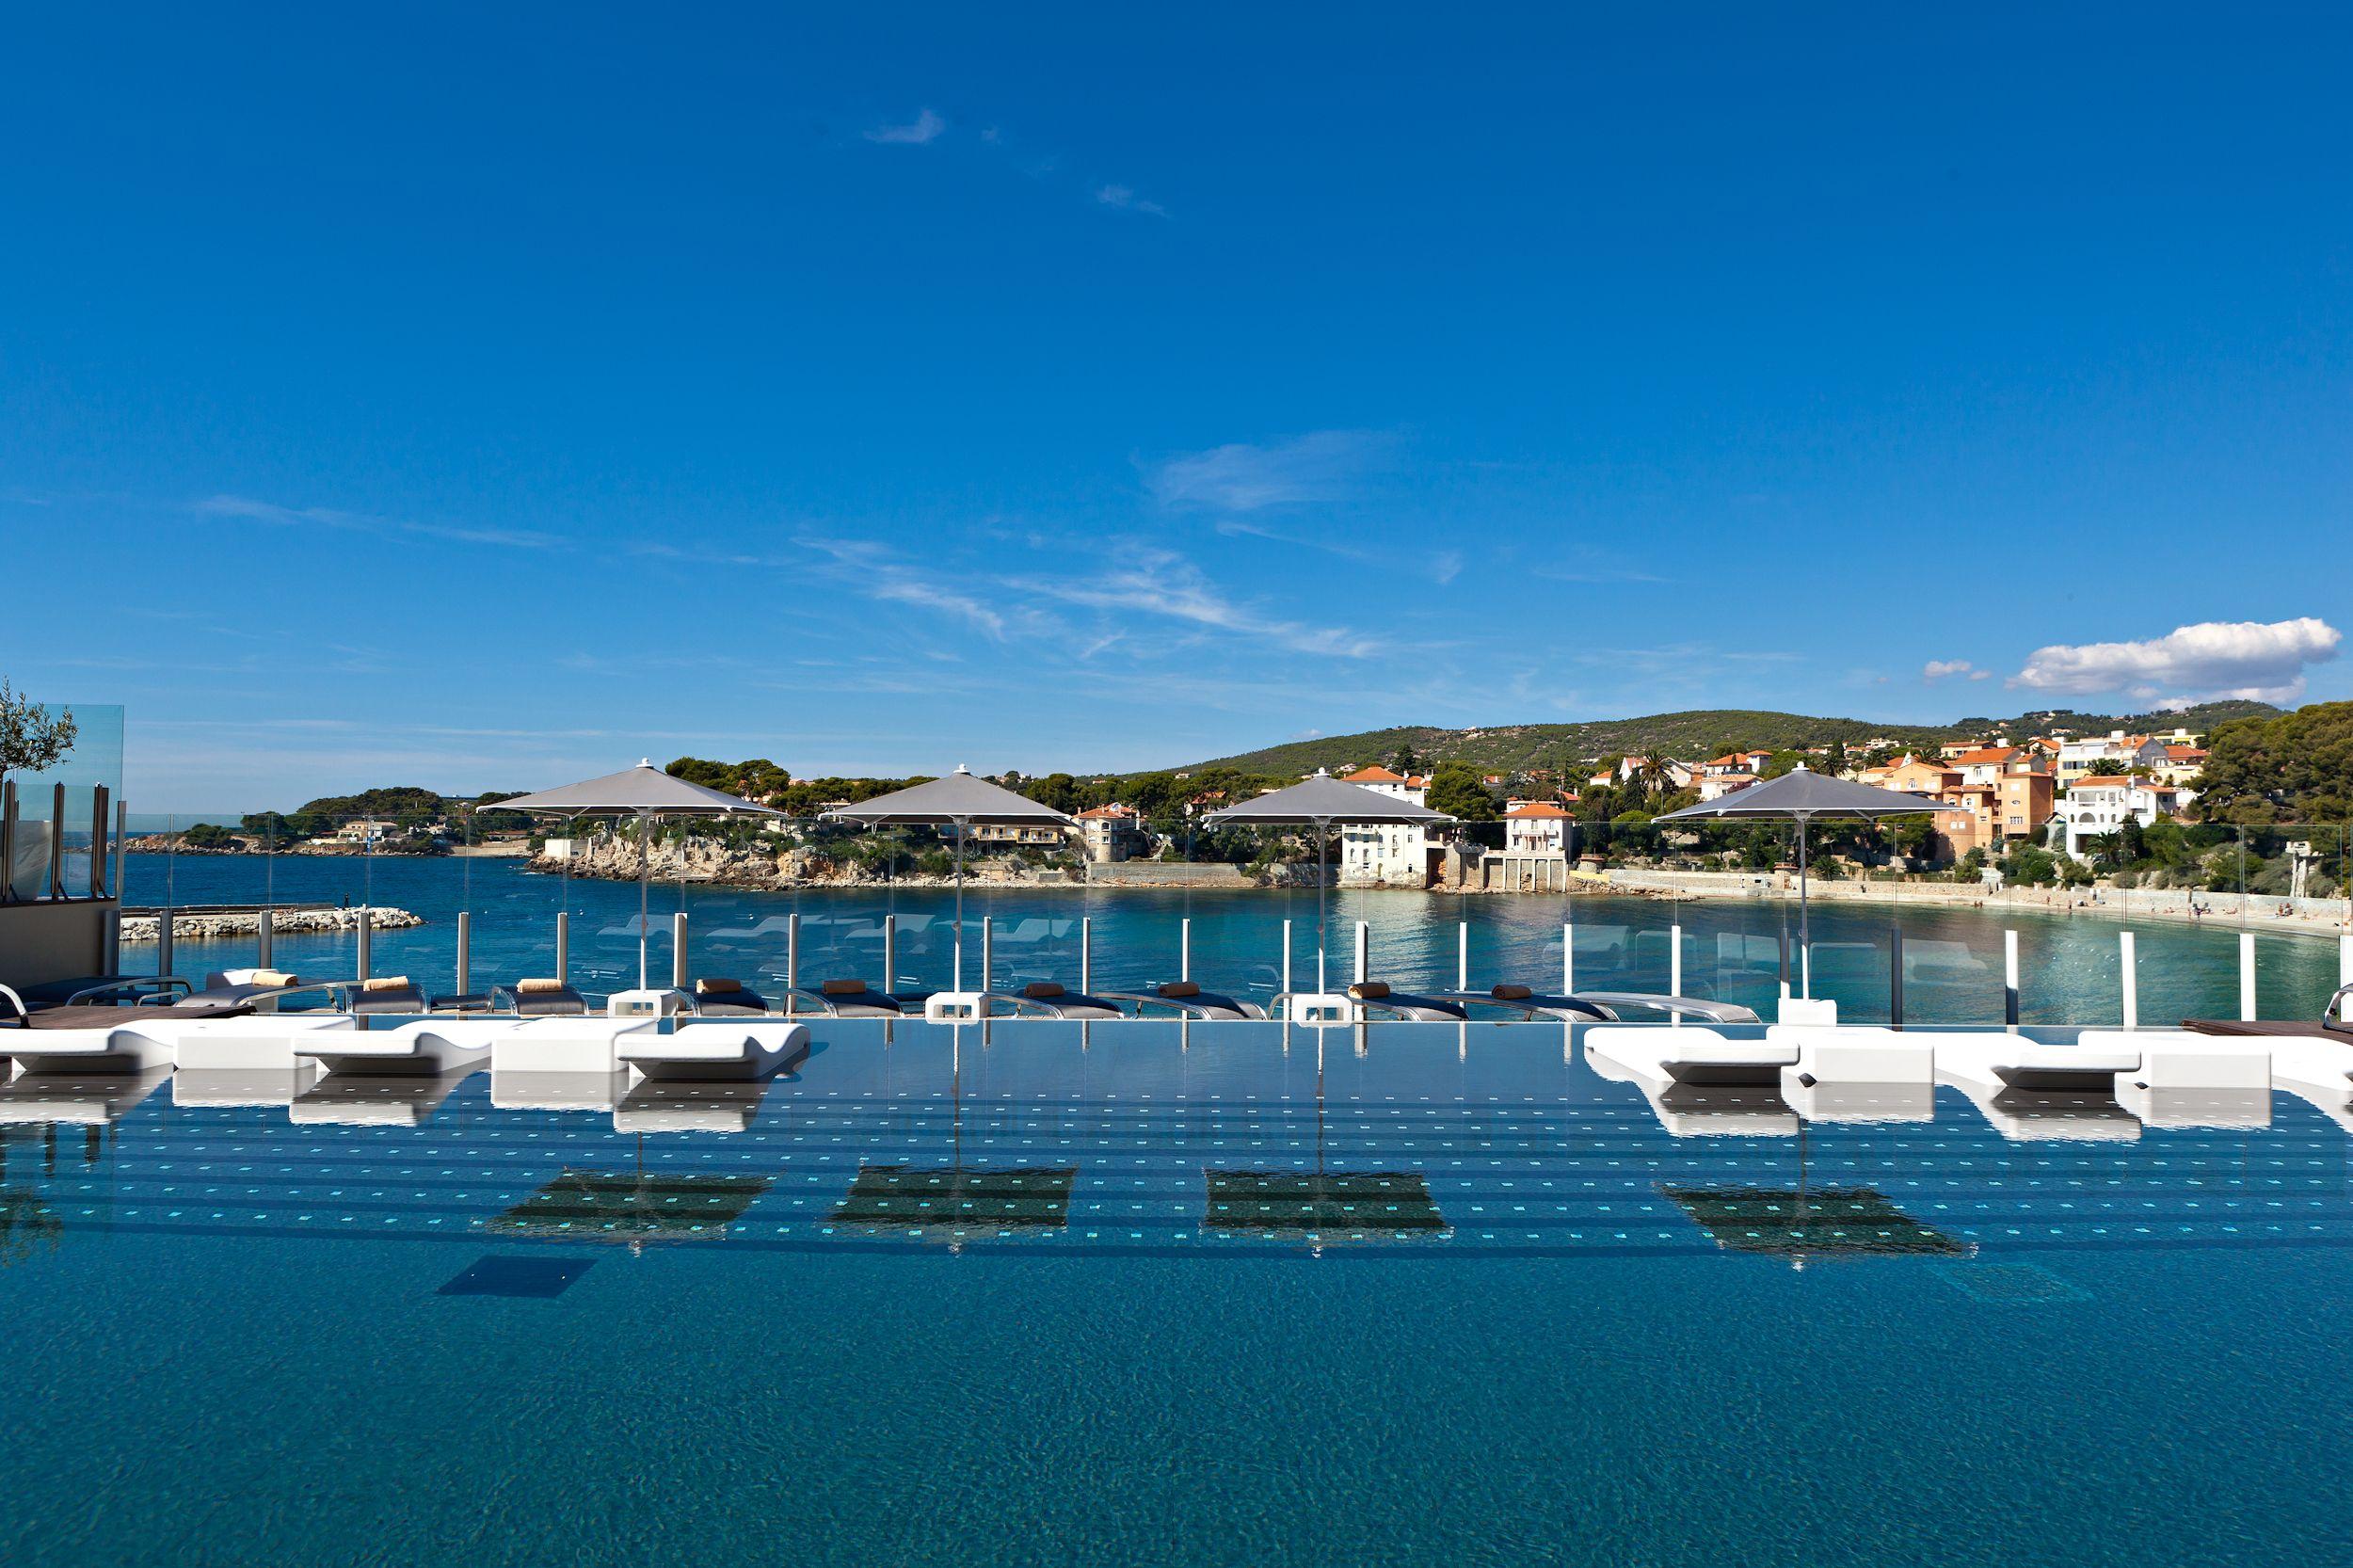 #infinity #pool #bandol #wine #rose #Mediterranean #france #harbour #luxury #hotel